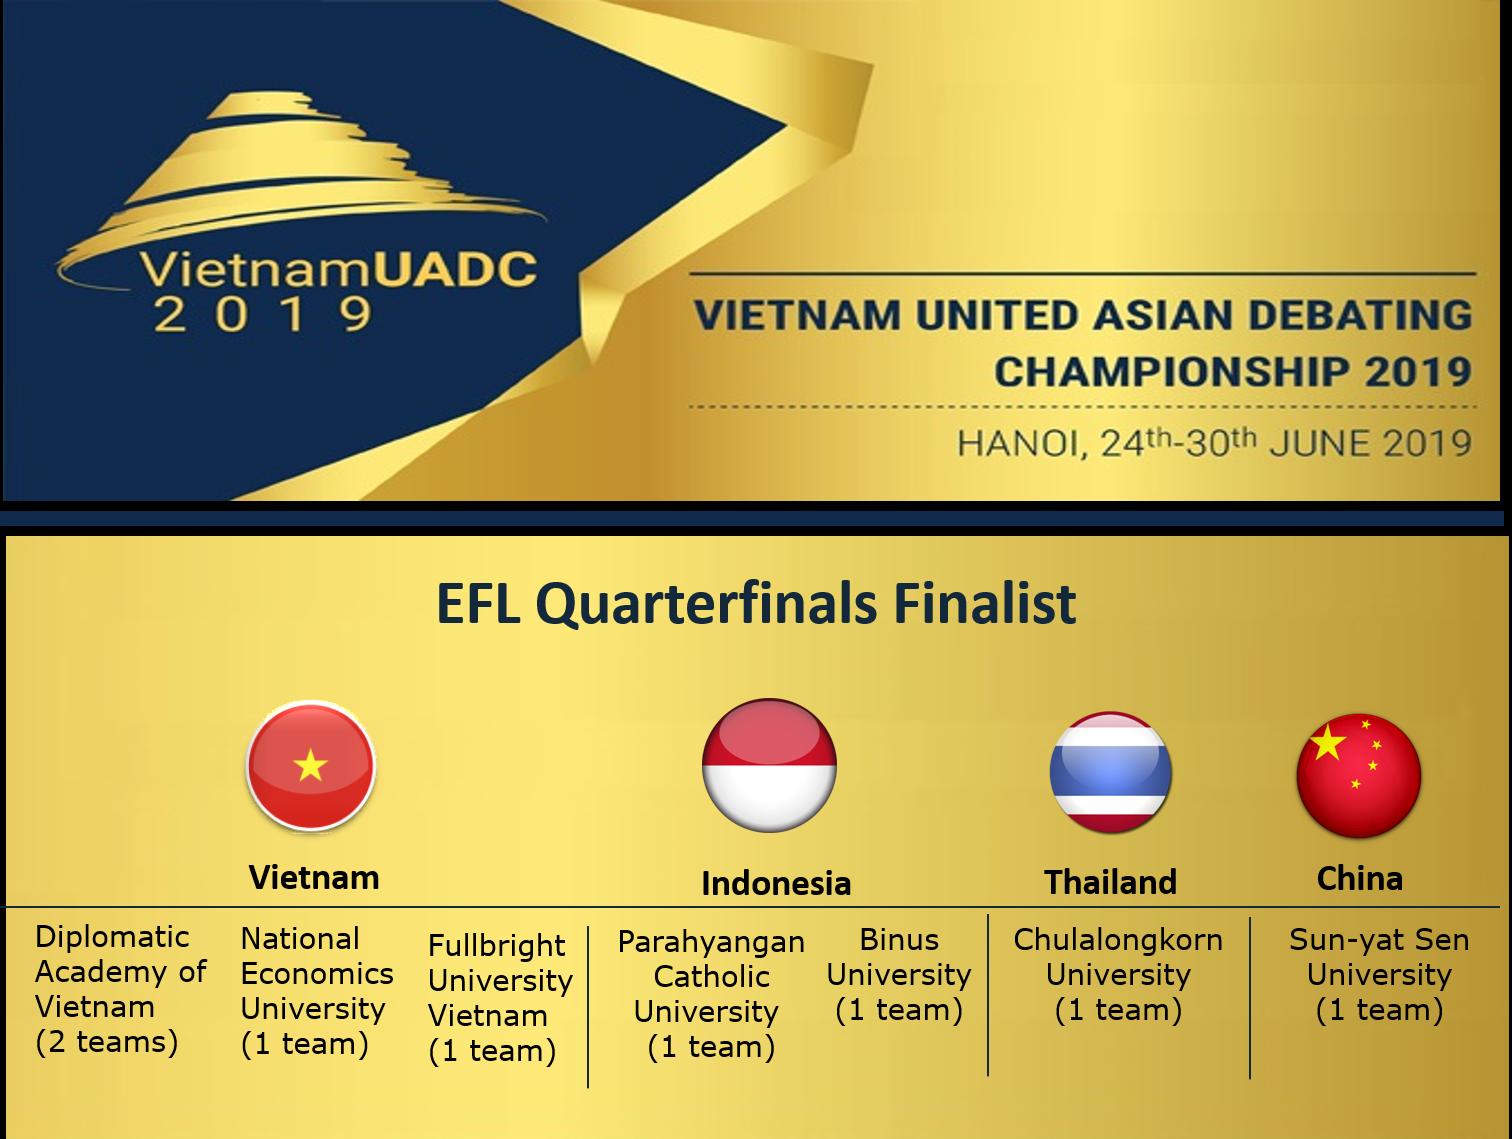 Các đội lọt vào vòng tứ kết bảng EFL của giải UADC 2019 | Ảnh: Ngô Hà